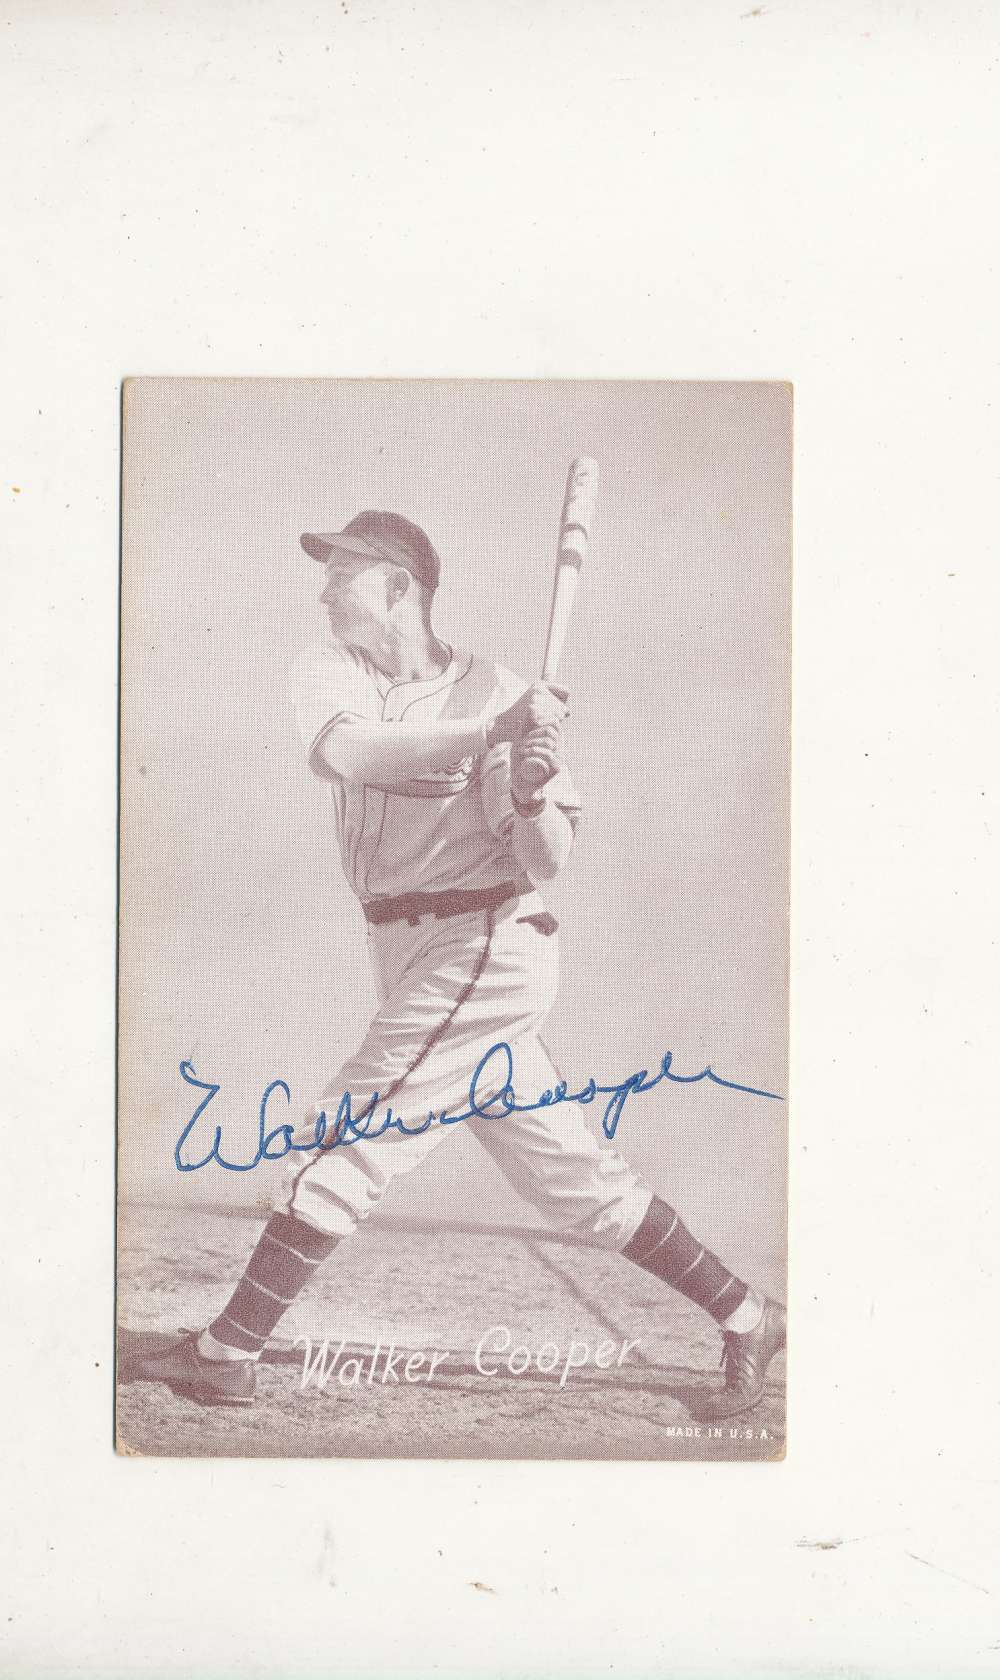 Walker Cooper Signed 1946-1966 exhibit card